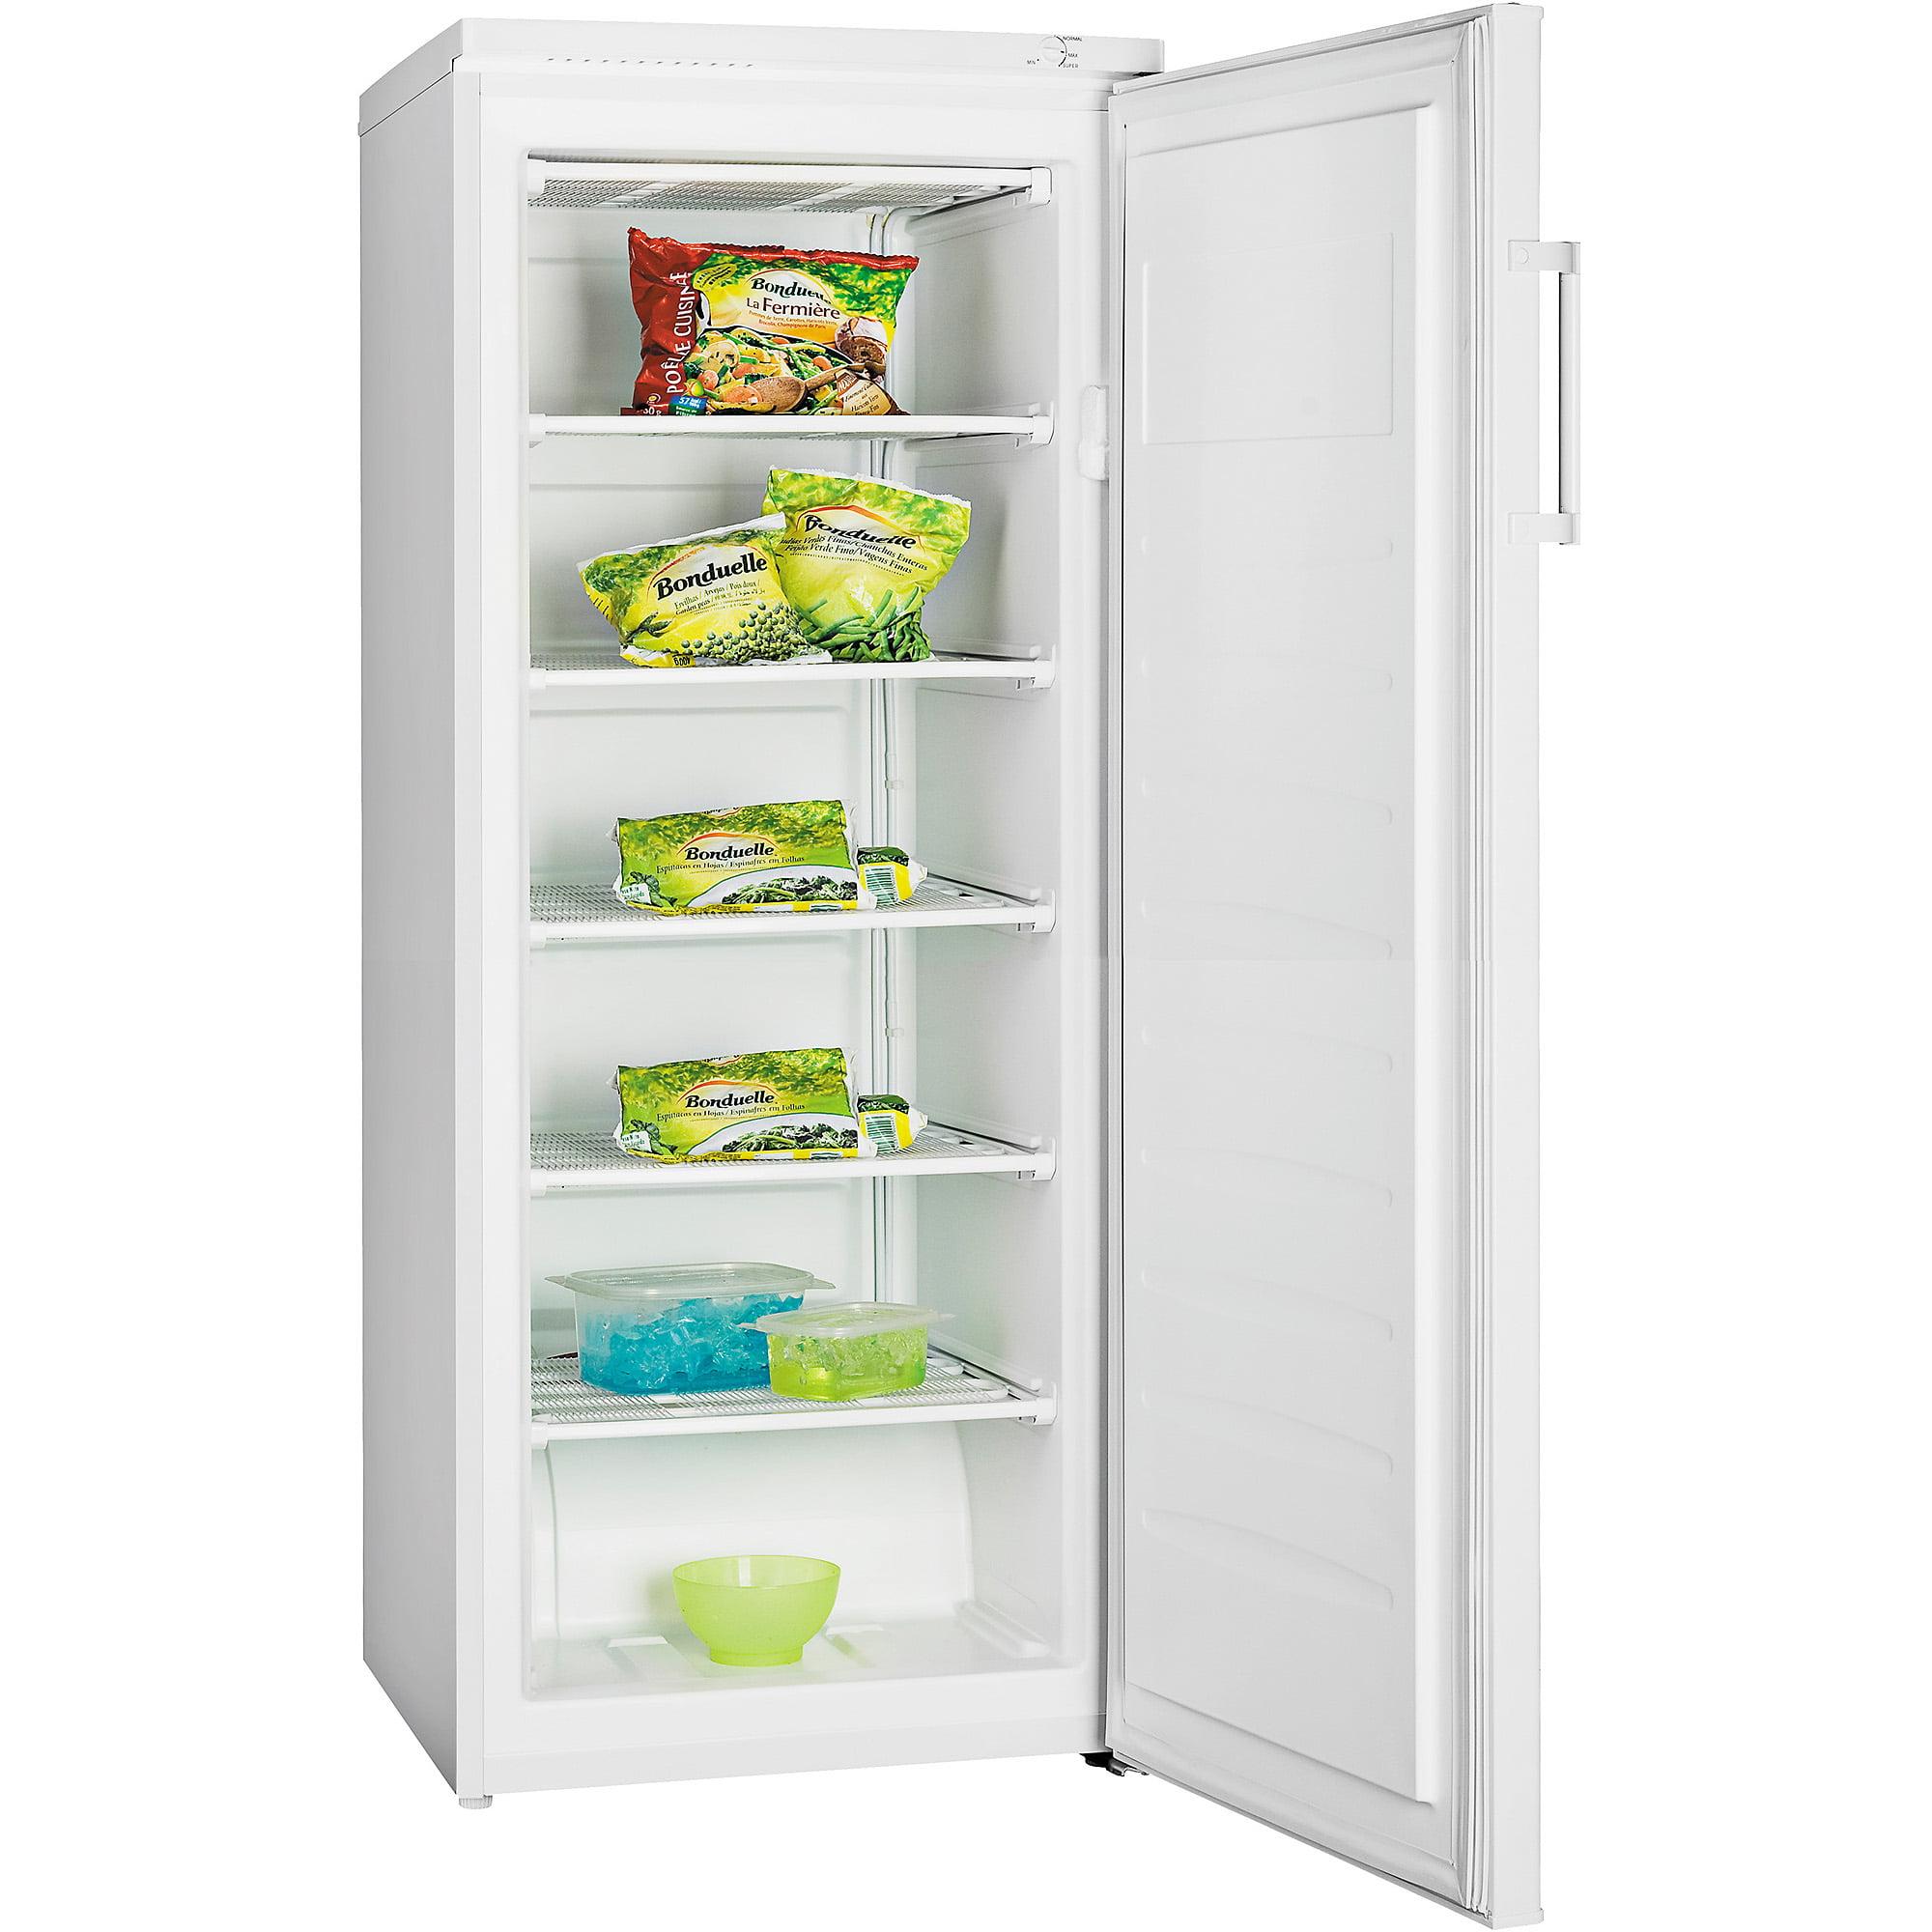 Igloo 6.5 cu ft Upright Freezer, White - Walmart.com